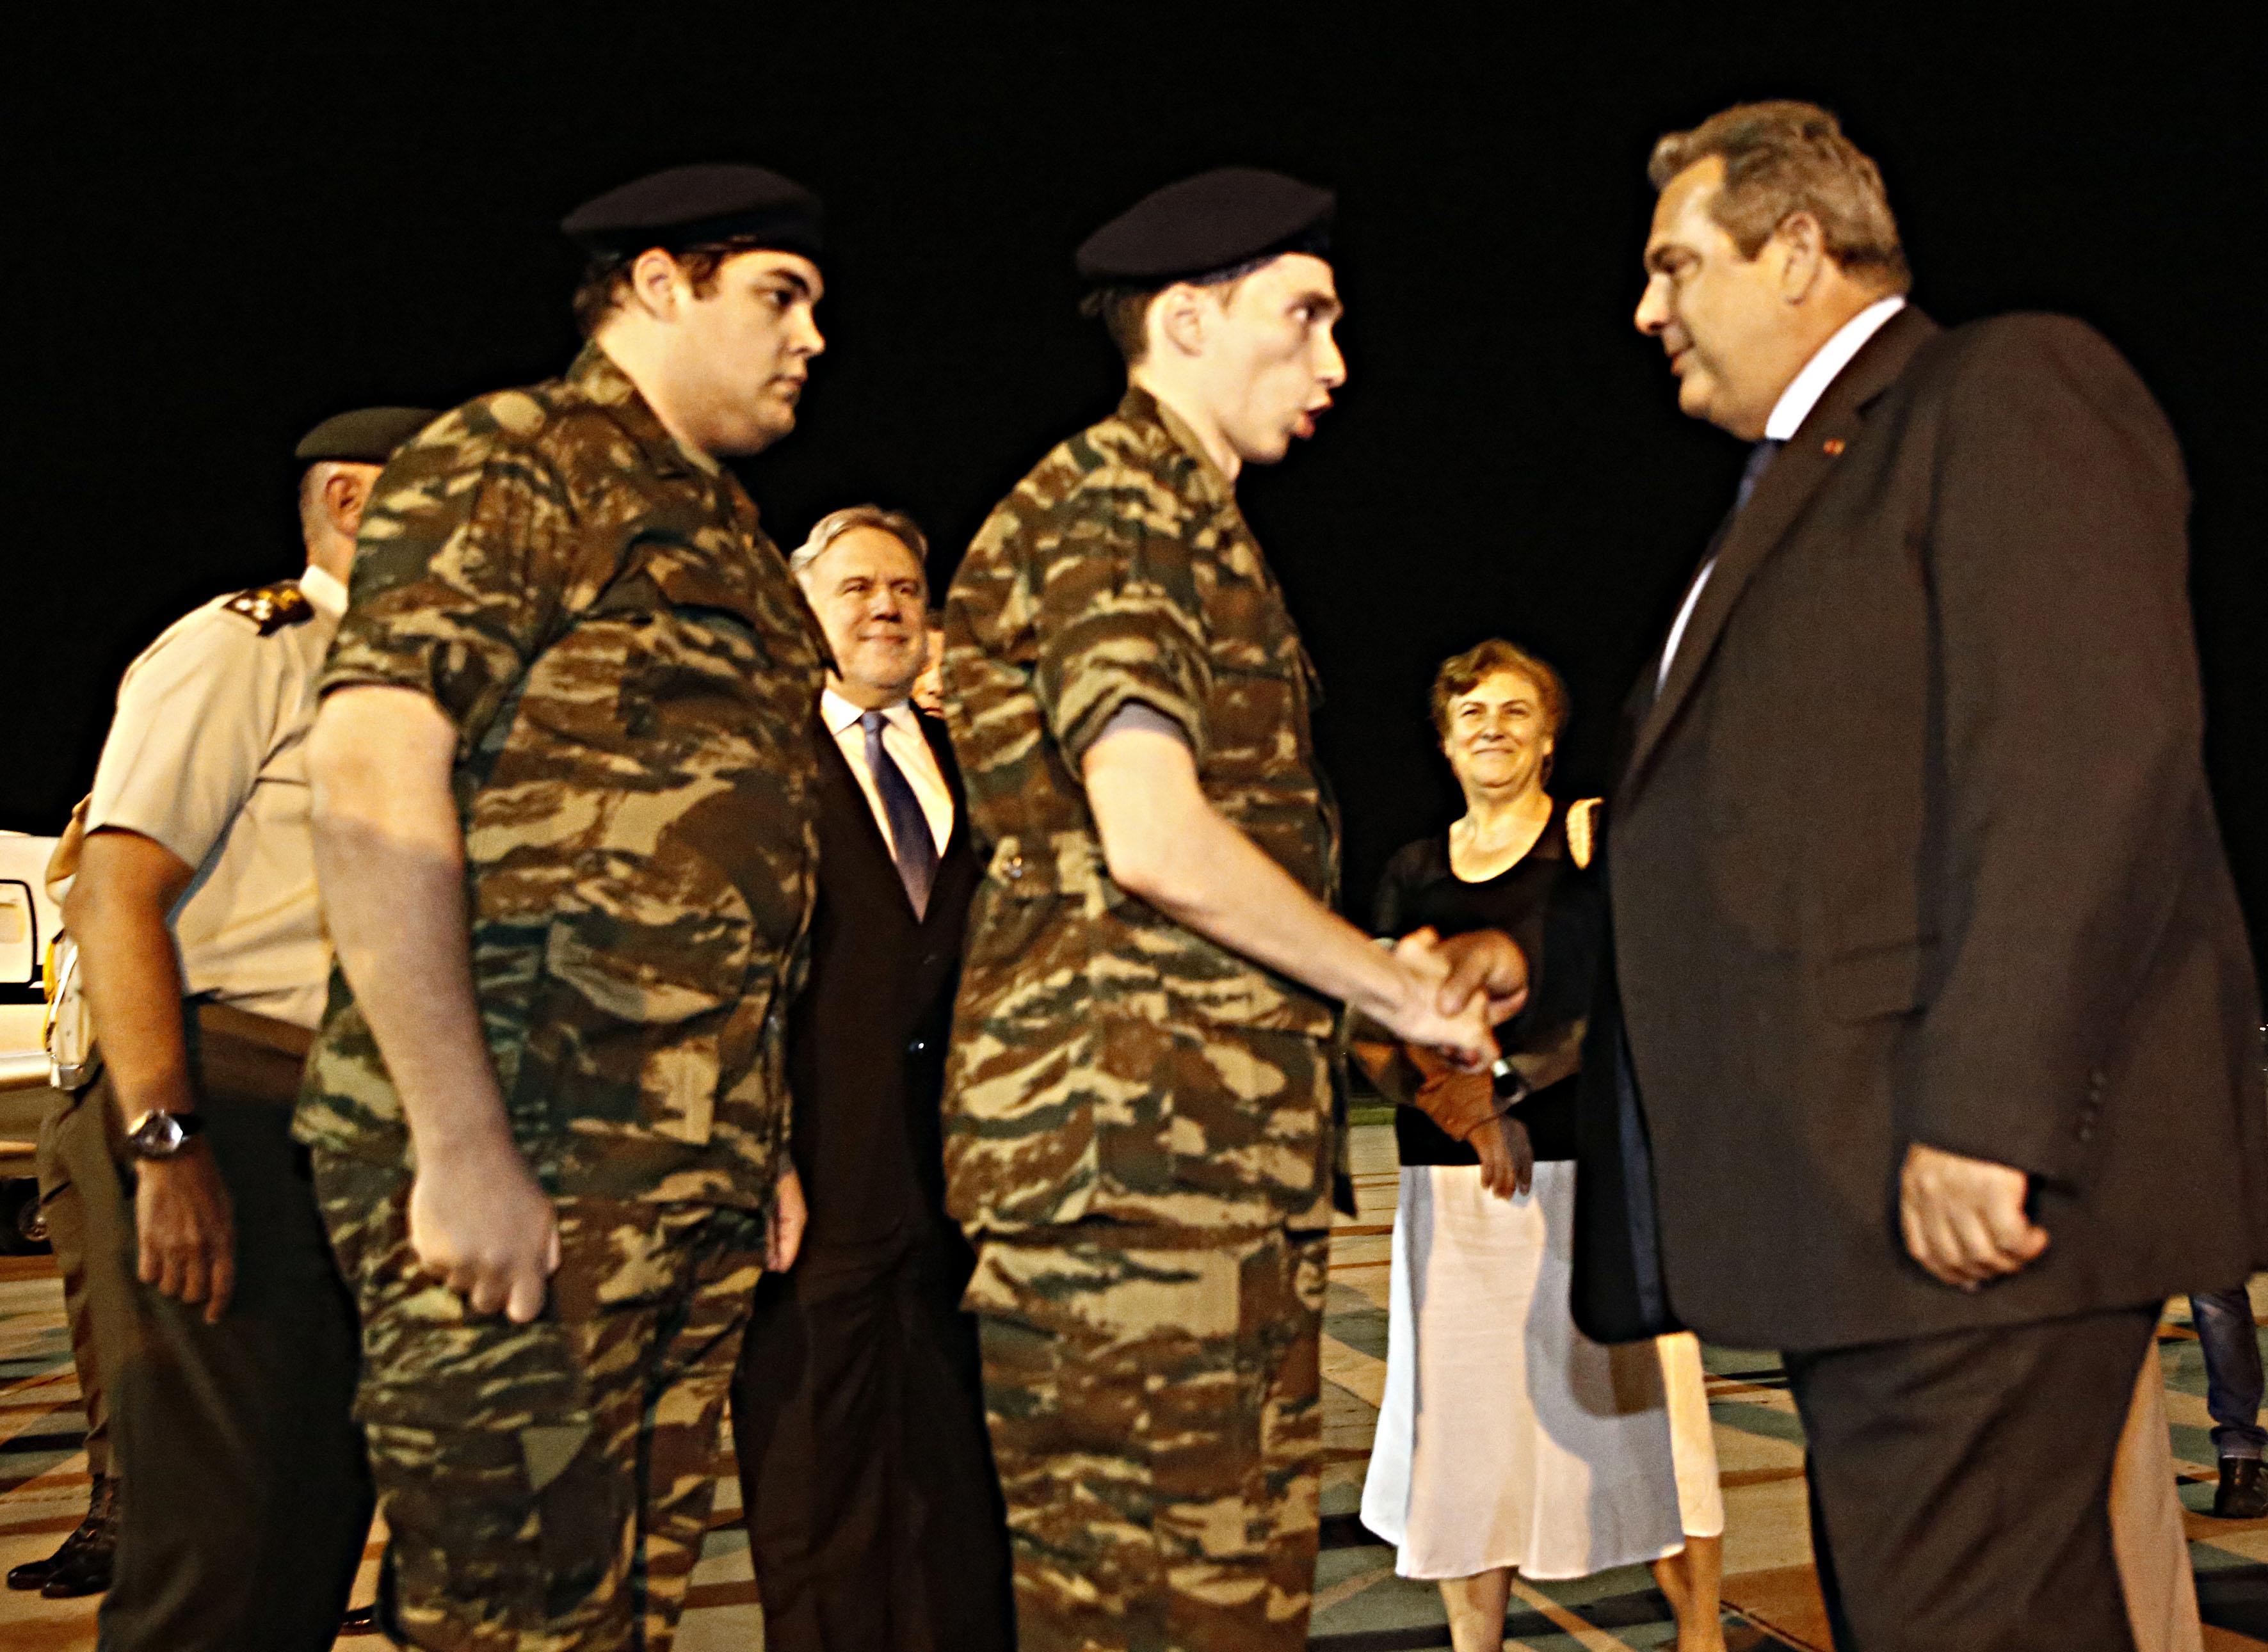 Αξιωματικός που βγαίνει με στρατευμένους στρατιωτικούς